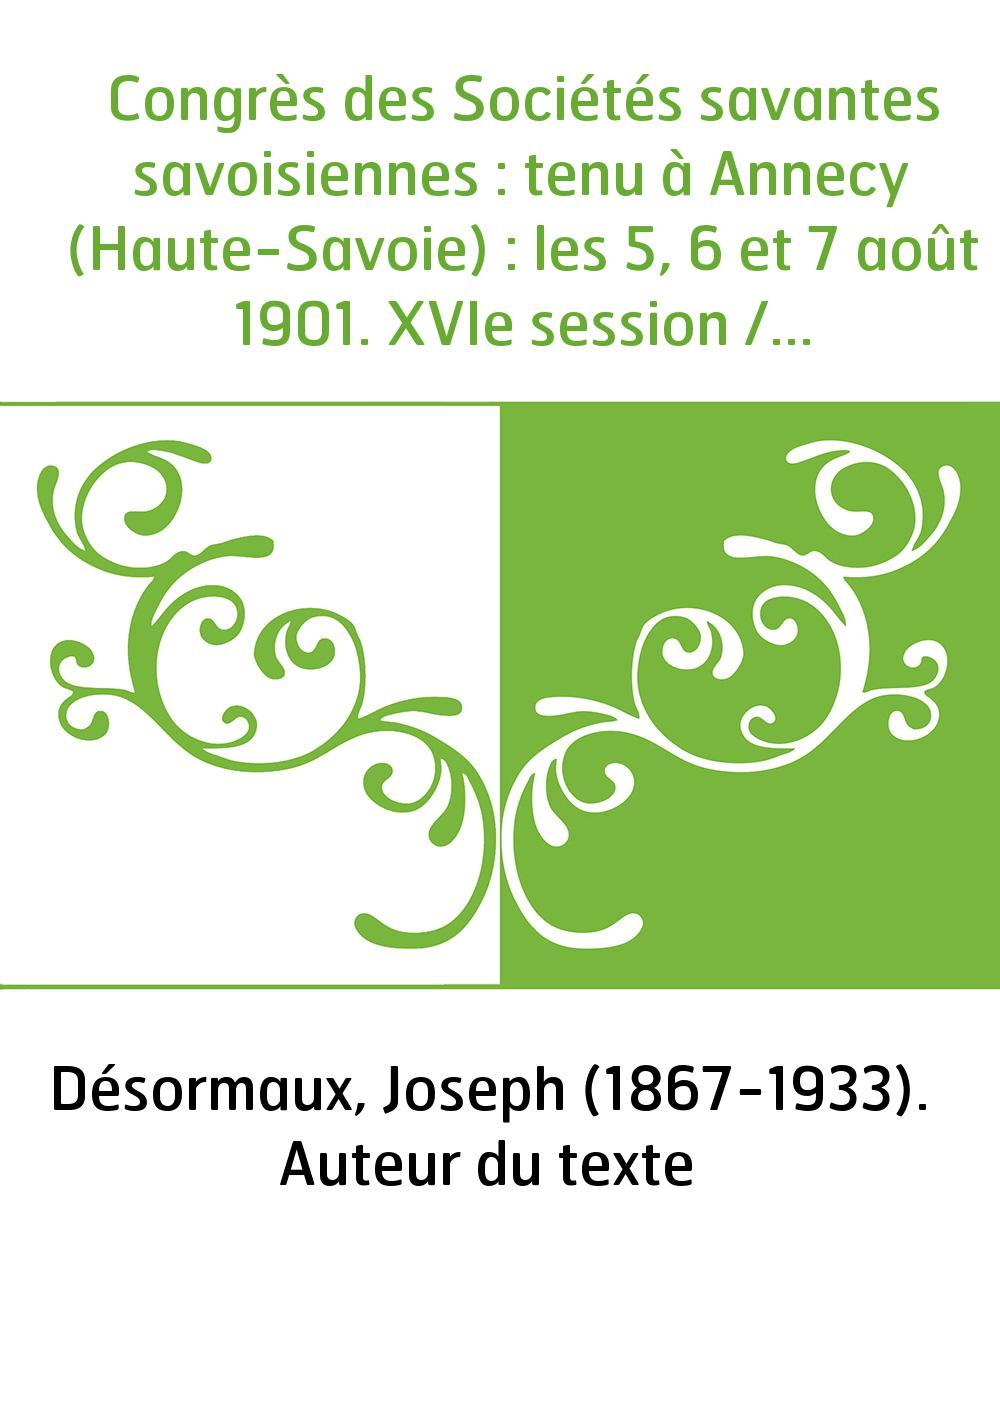 Congrès des Sociétés savantes savoisiennes : tenu à Annecy (Haute-Savoie) : les 5, 6 et 7 août 1901. XVIe session / [Historique